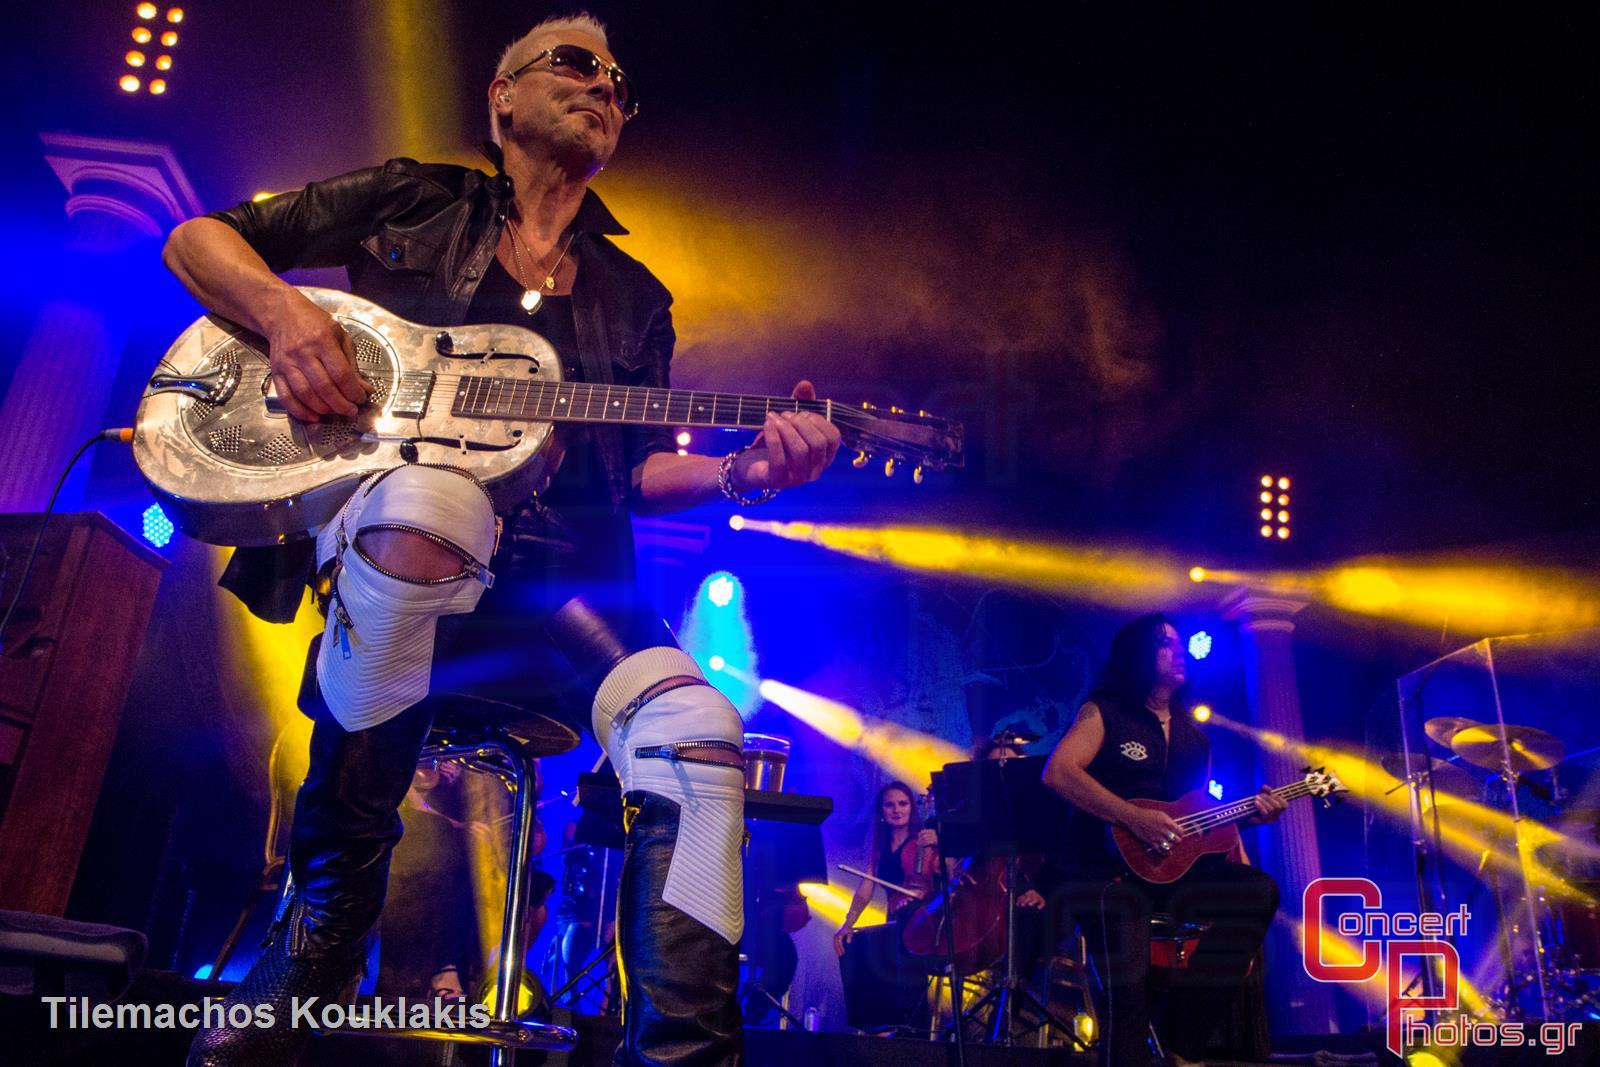 Scorpions-Scorpions photographer: Tilemachos Kouklakis - concertphotos_-6541